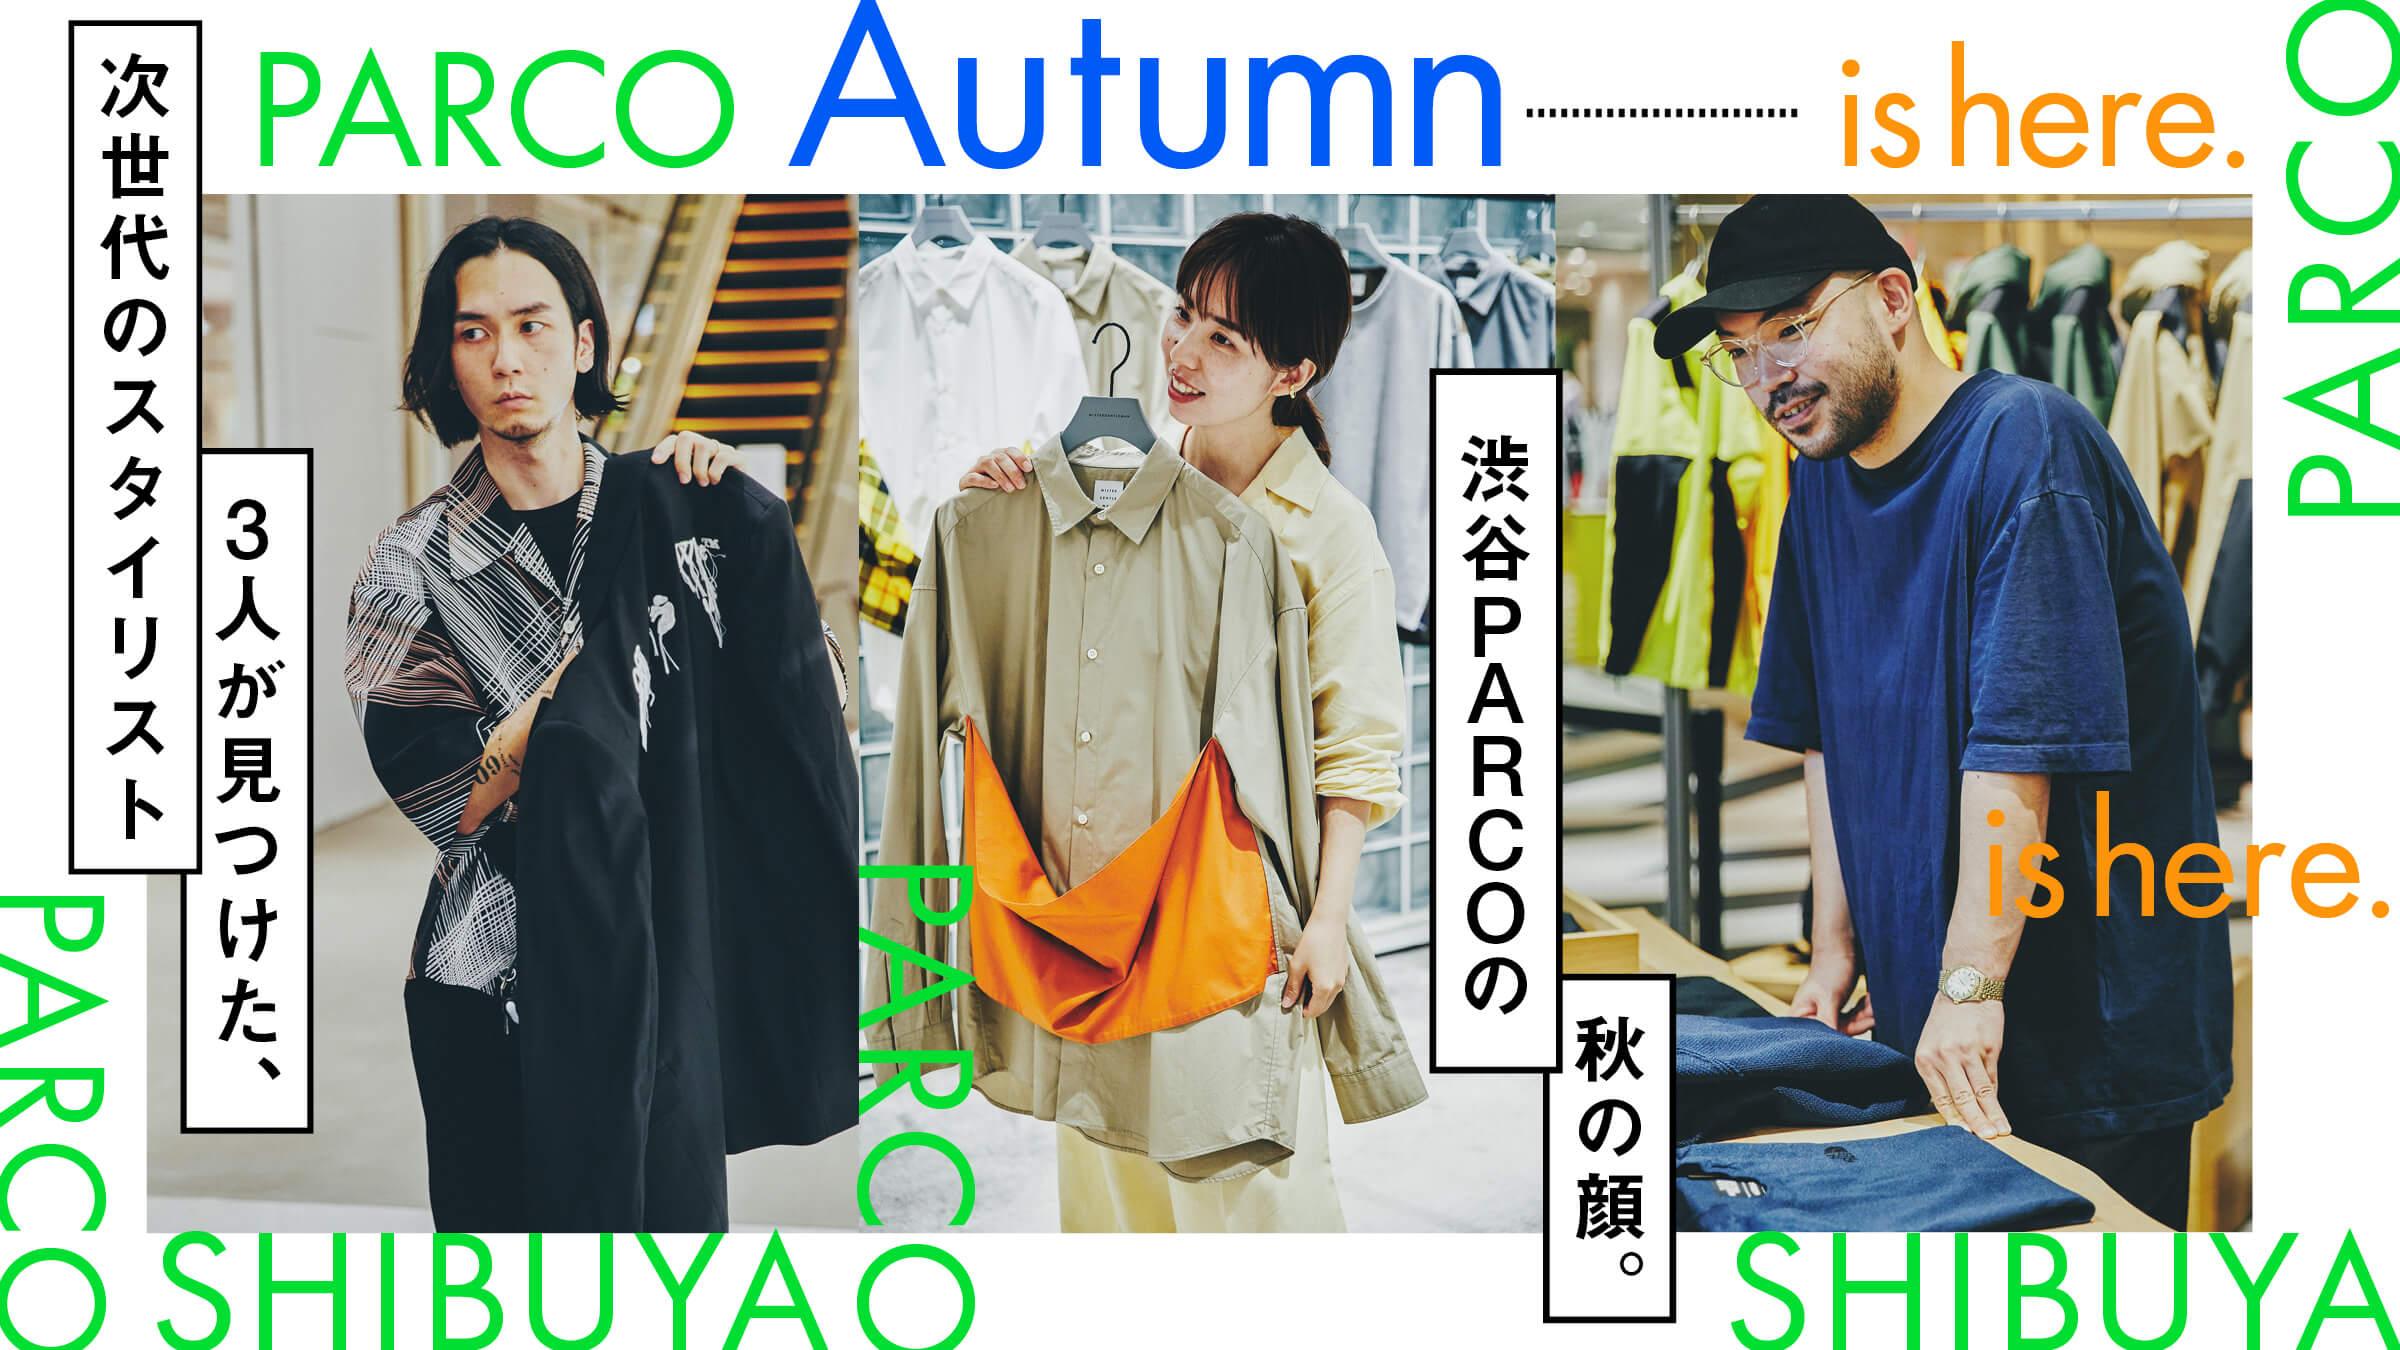 次世代のスタイリスト3人が見つけた、渋谷PARCOの秋の顔。